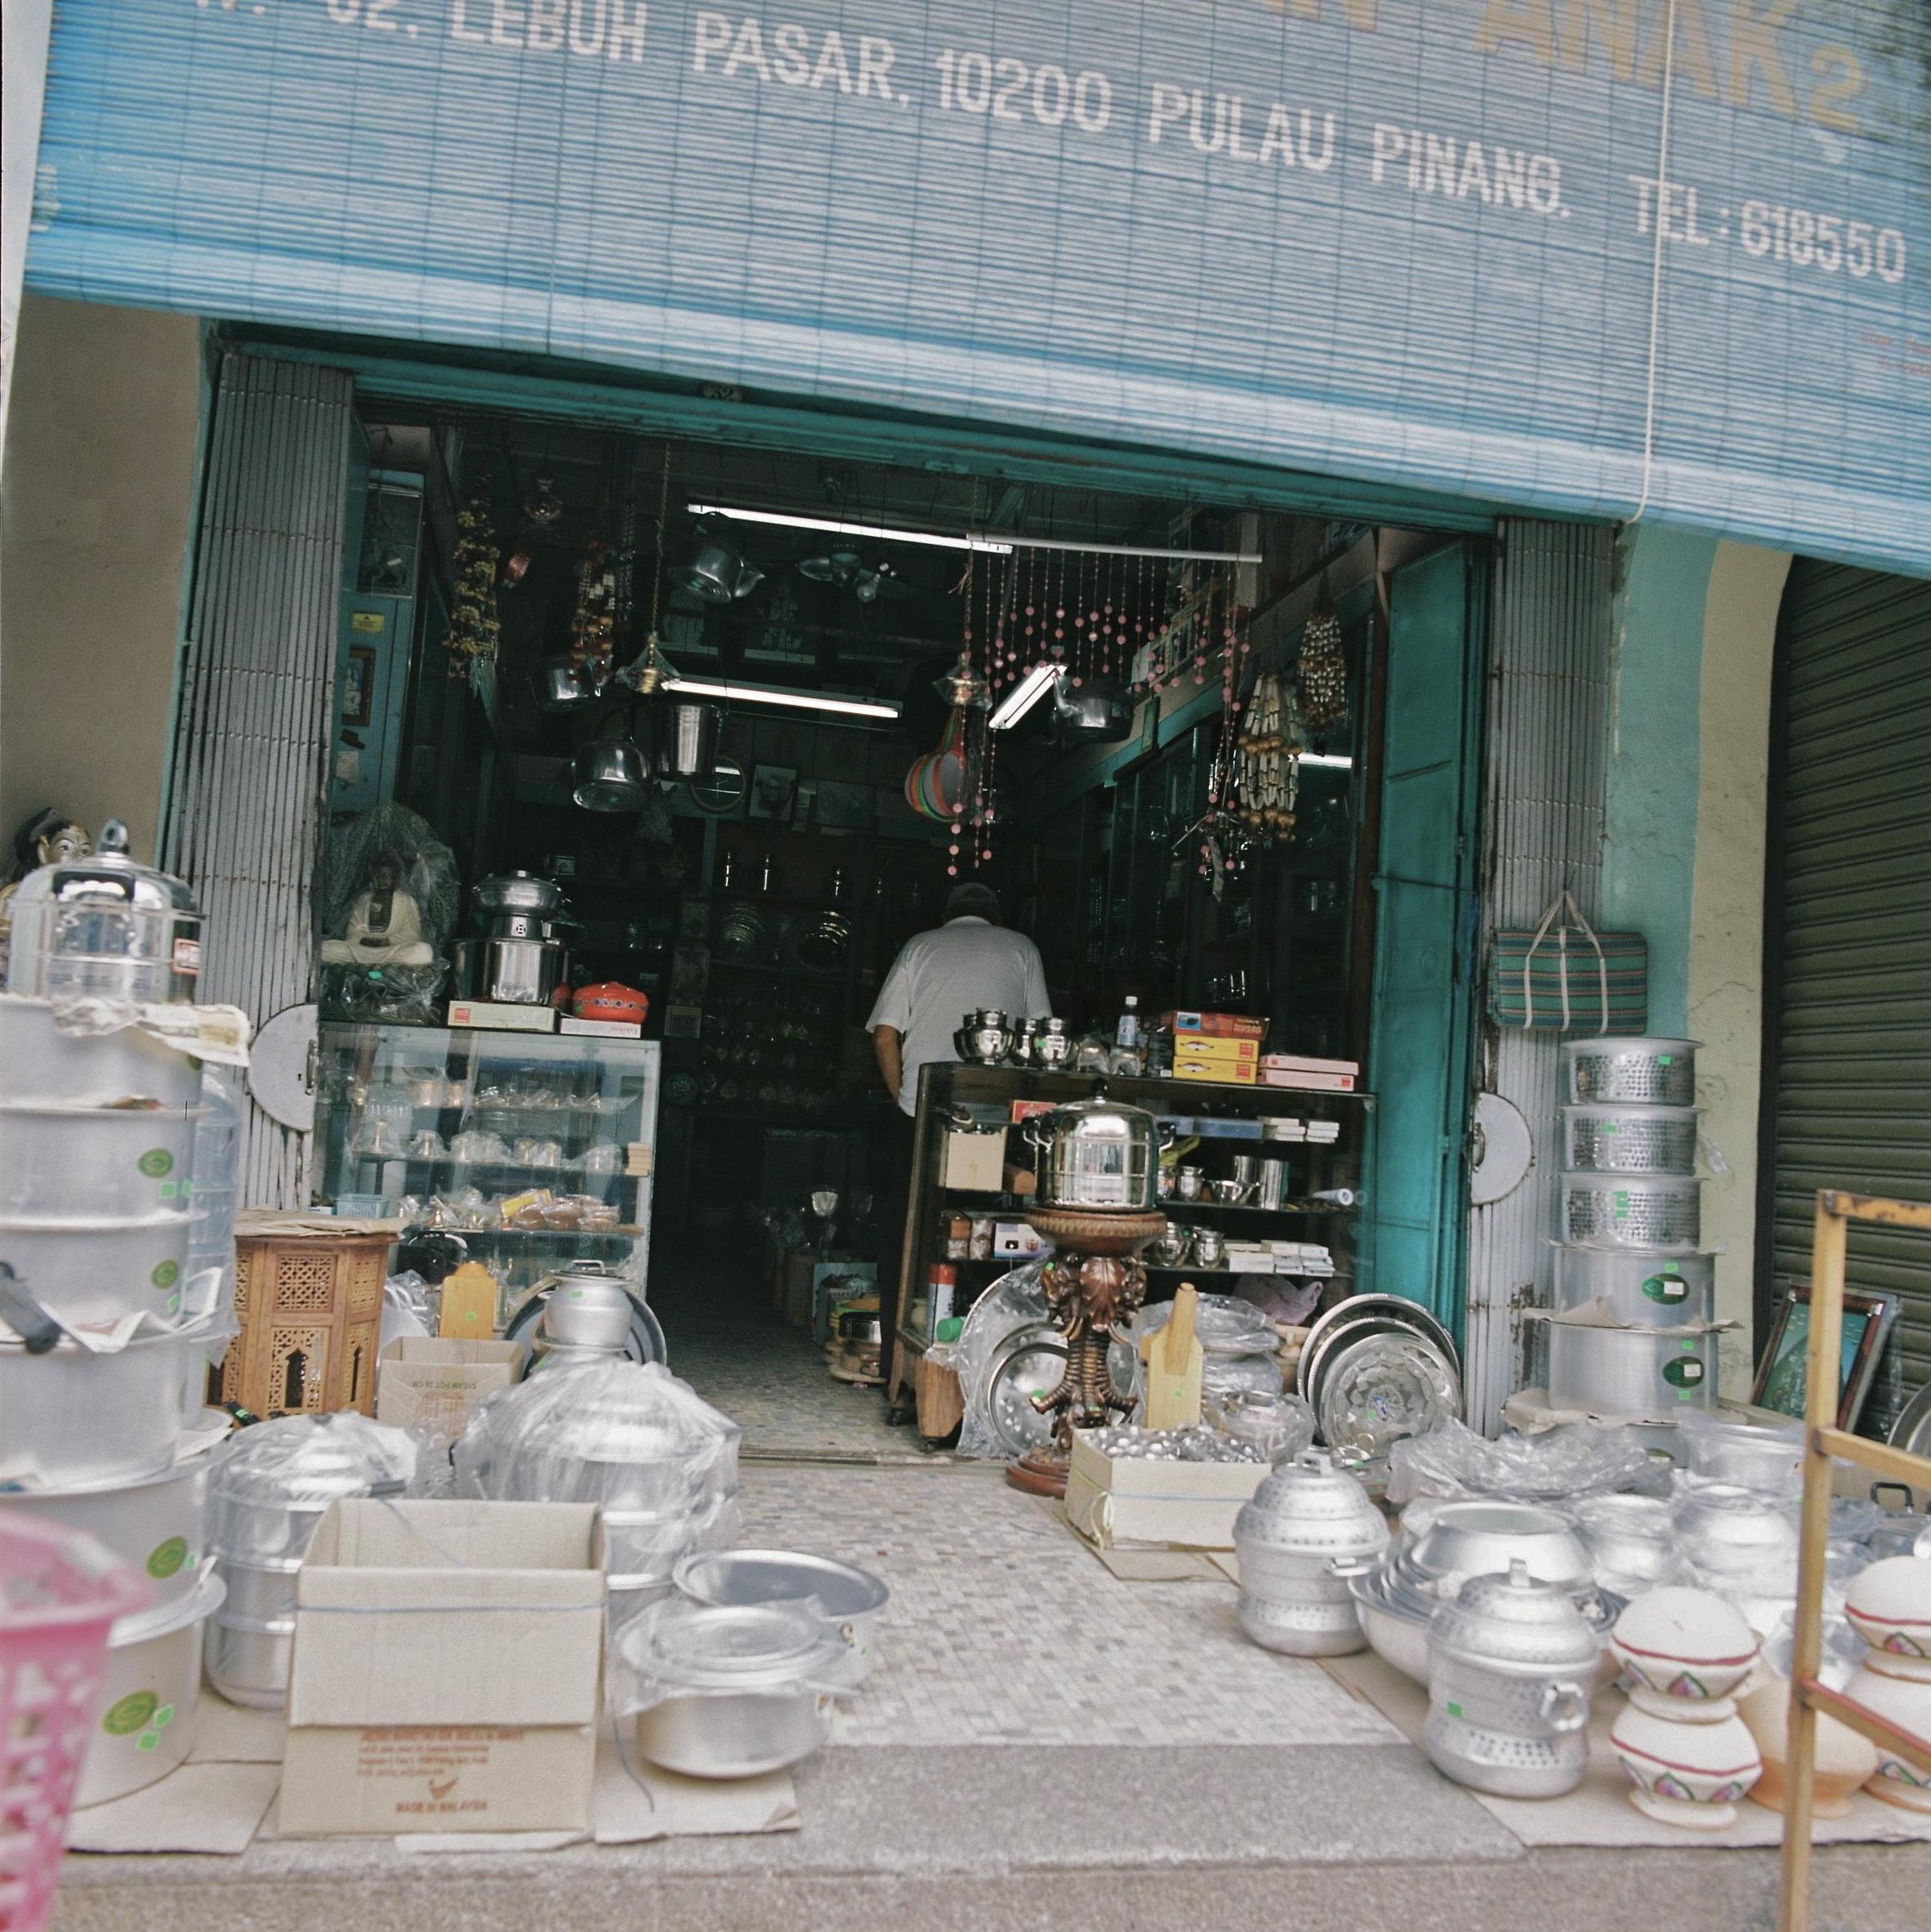 Little India in Penang ペナンリトルインディアにて 台所用品のお店。一見怖そうな店のおじさんも、ほんとうはとても親切です。